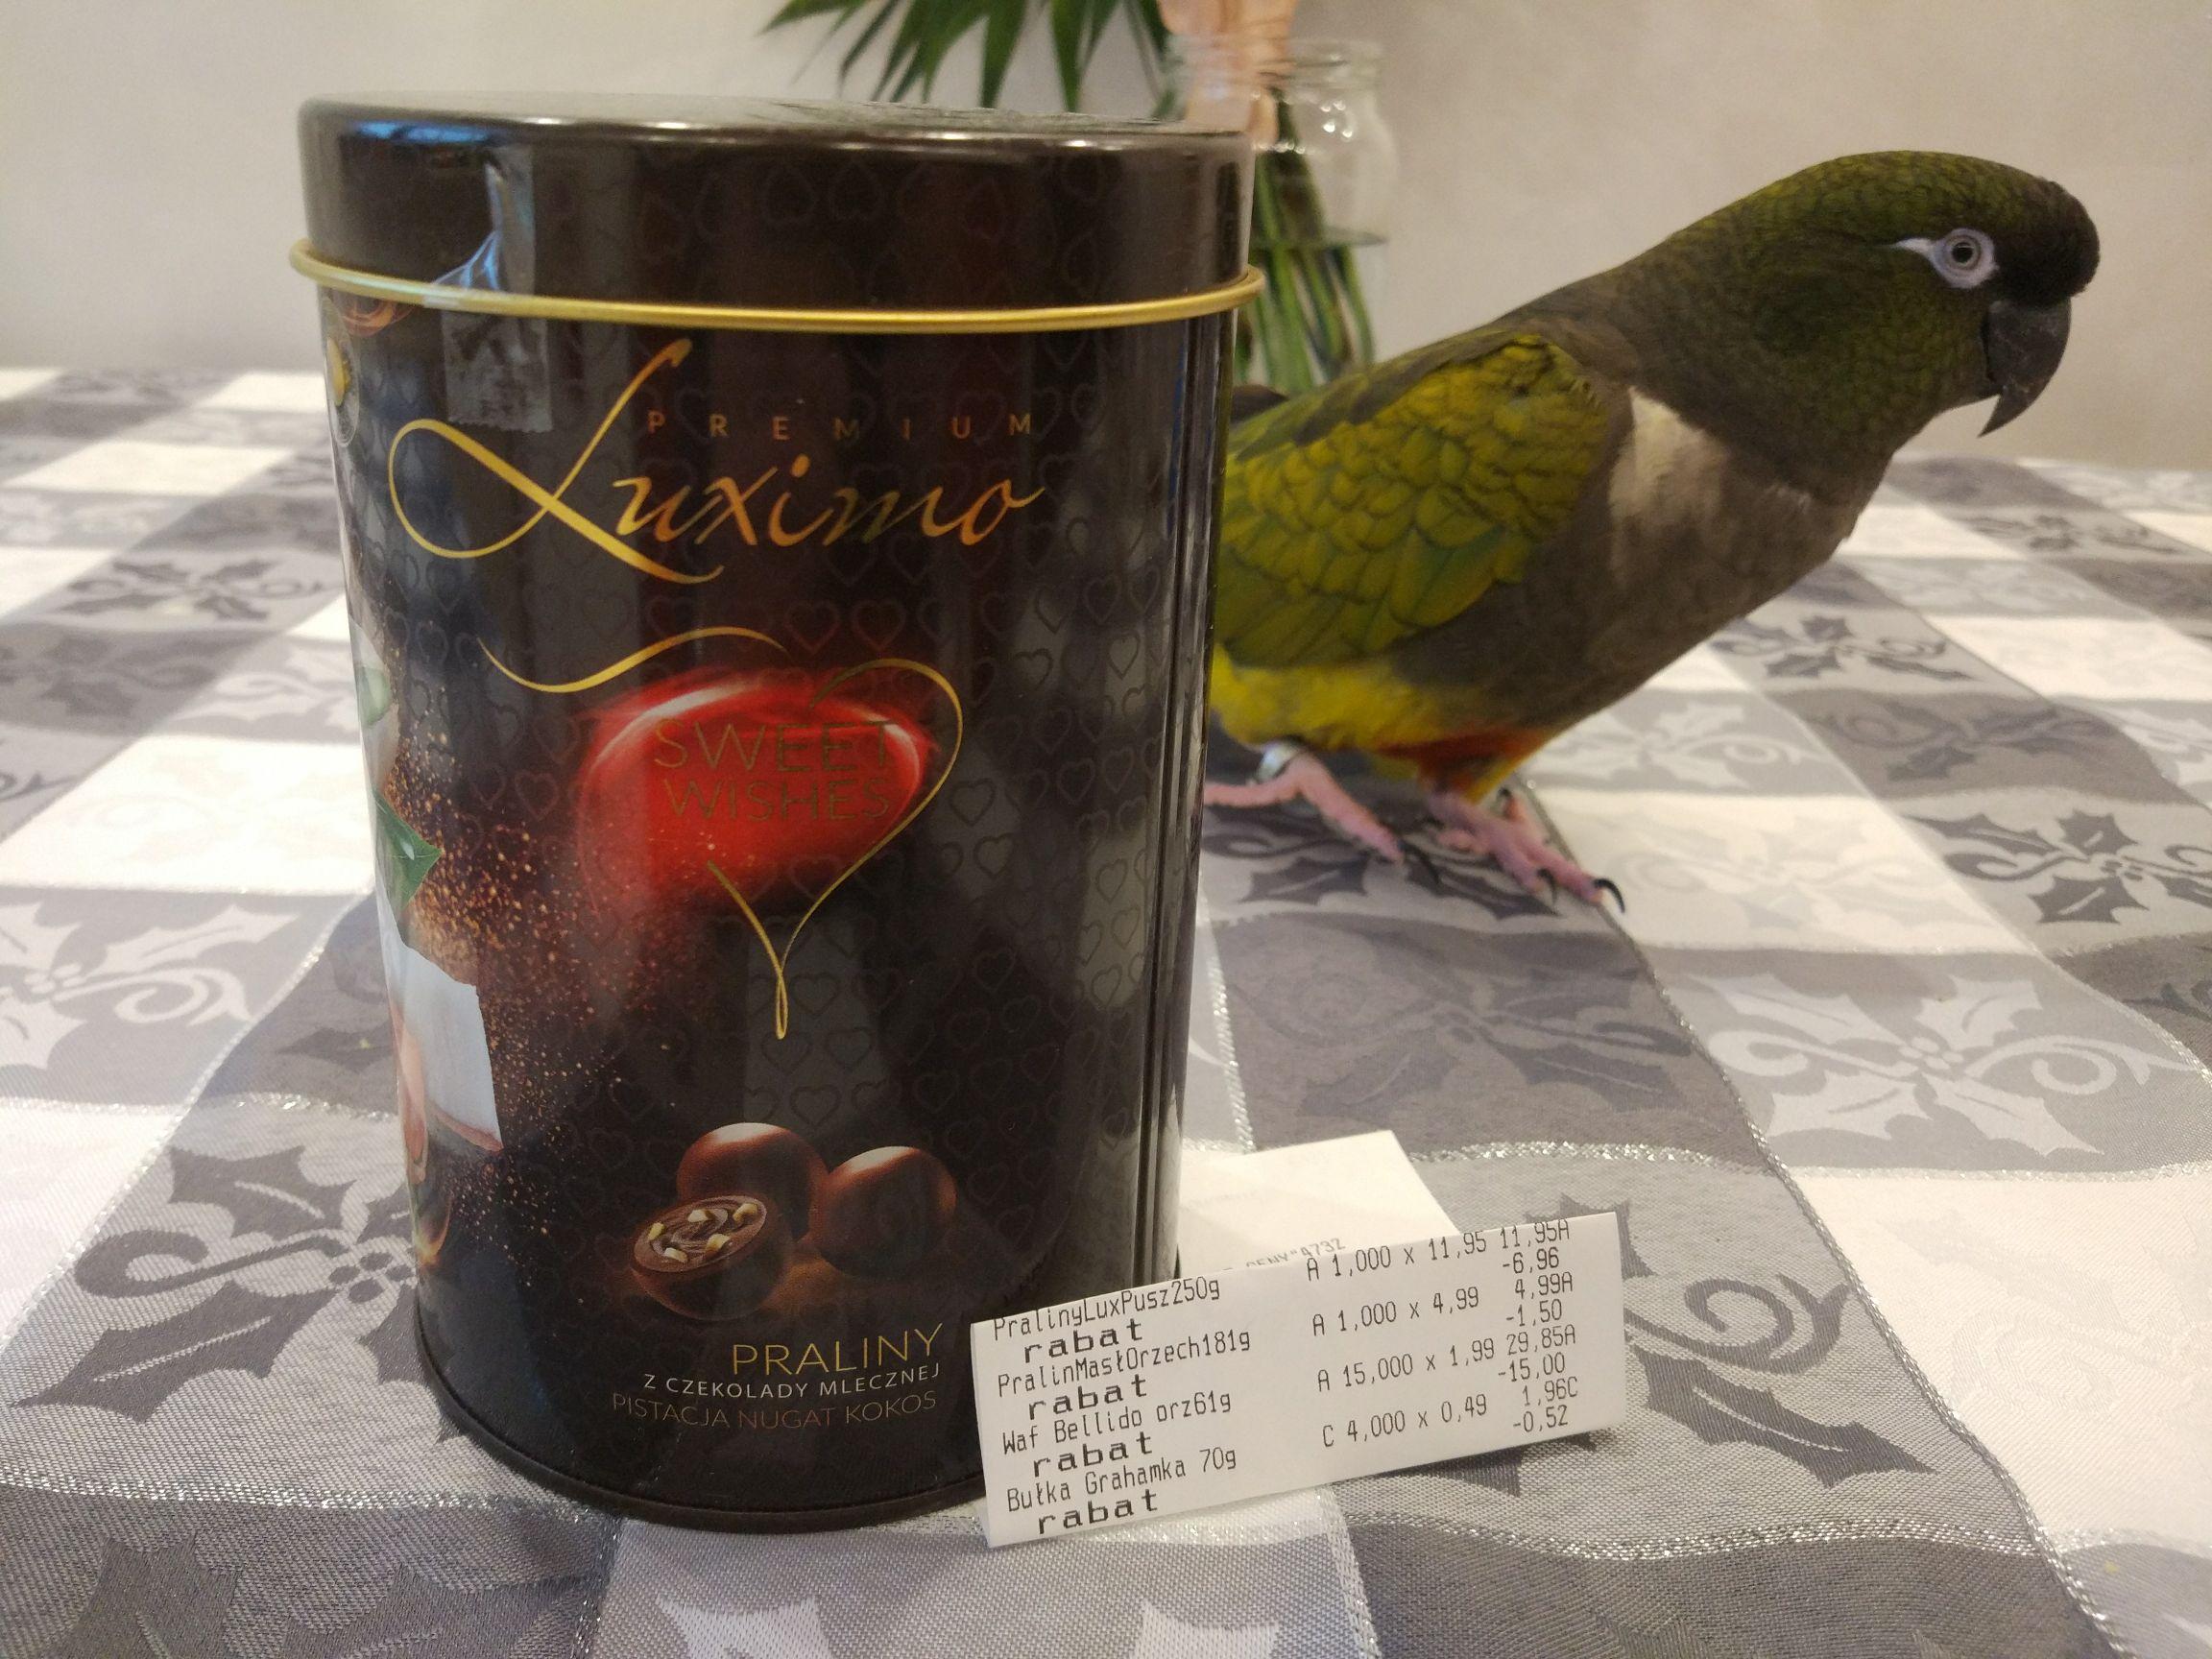 Praliny z czekolady mlecznej w metalowej puszce Luximo Premium @ Biedronka